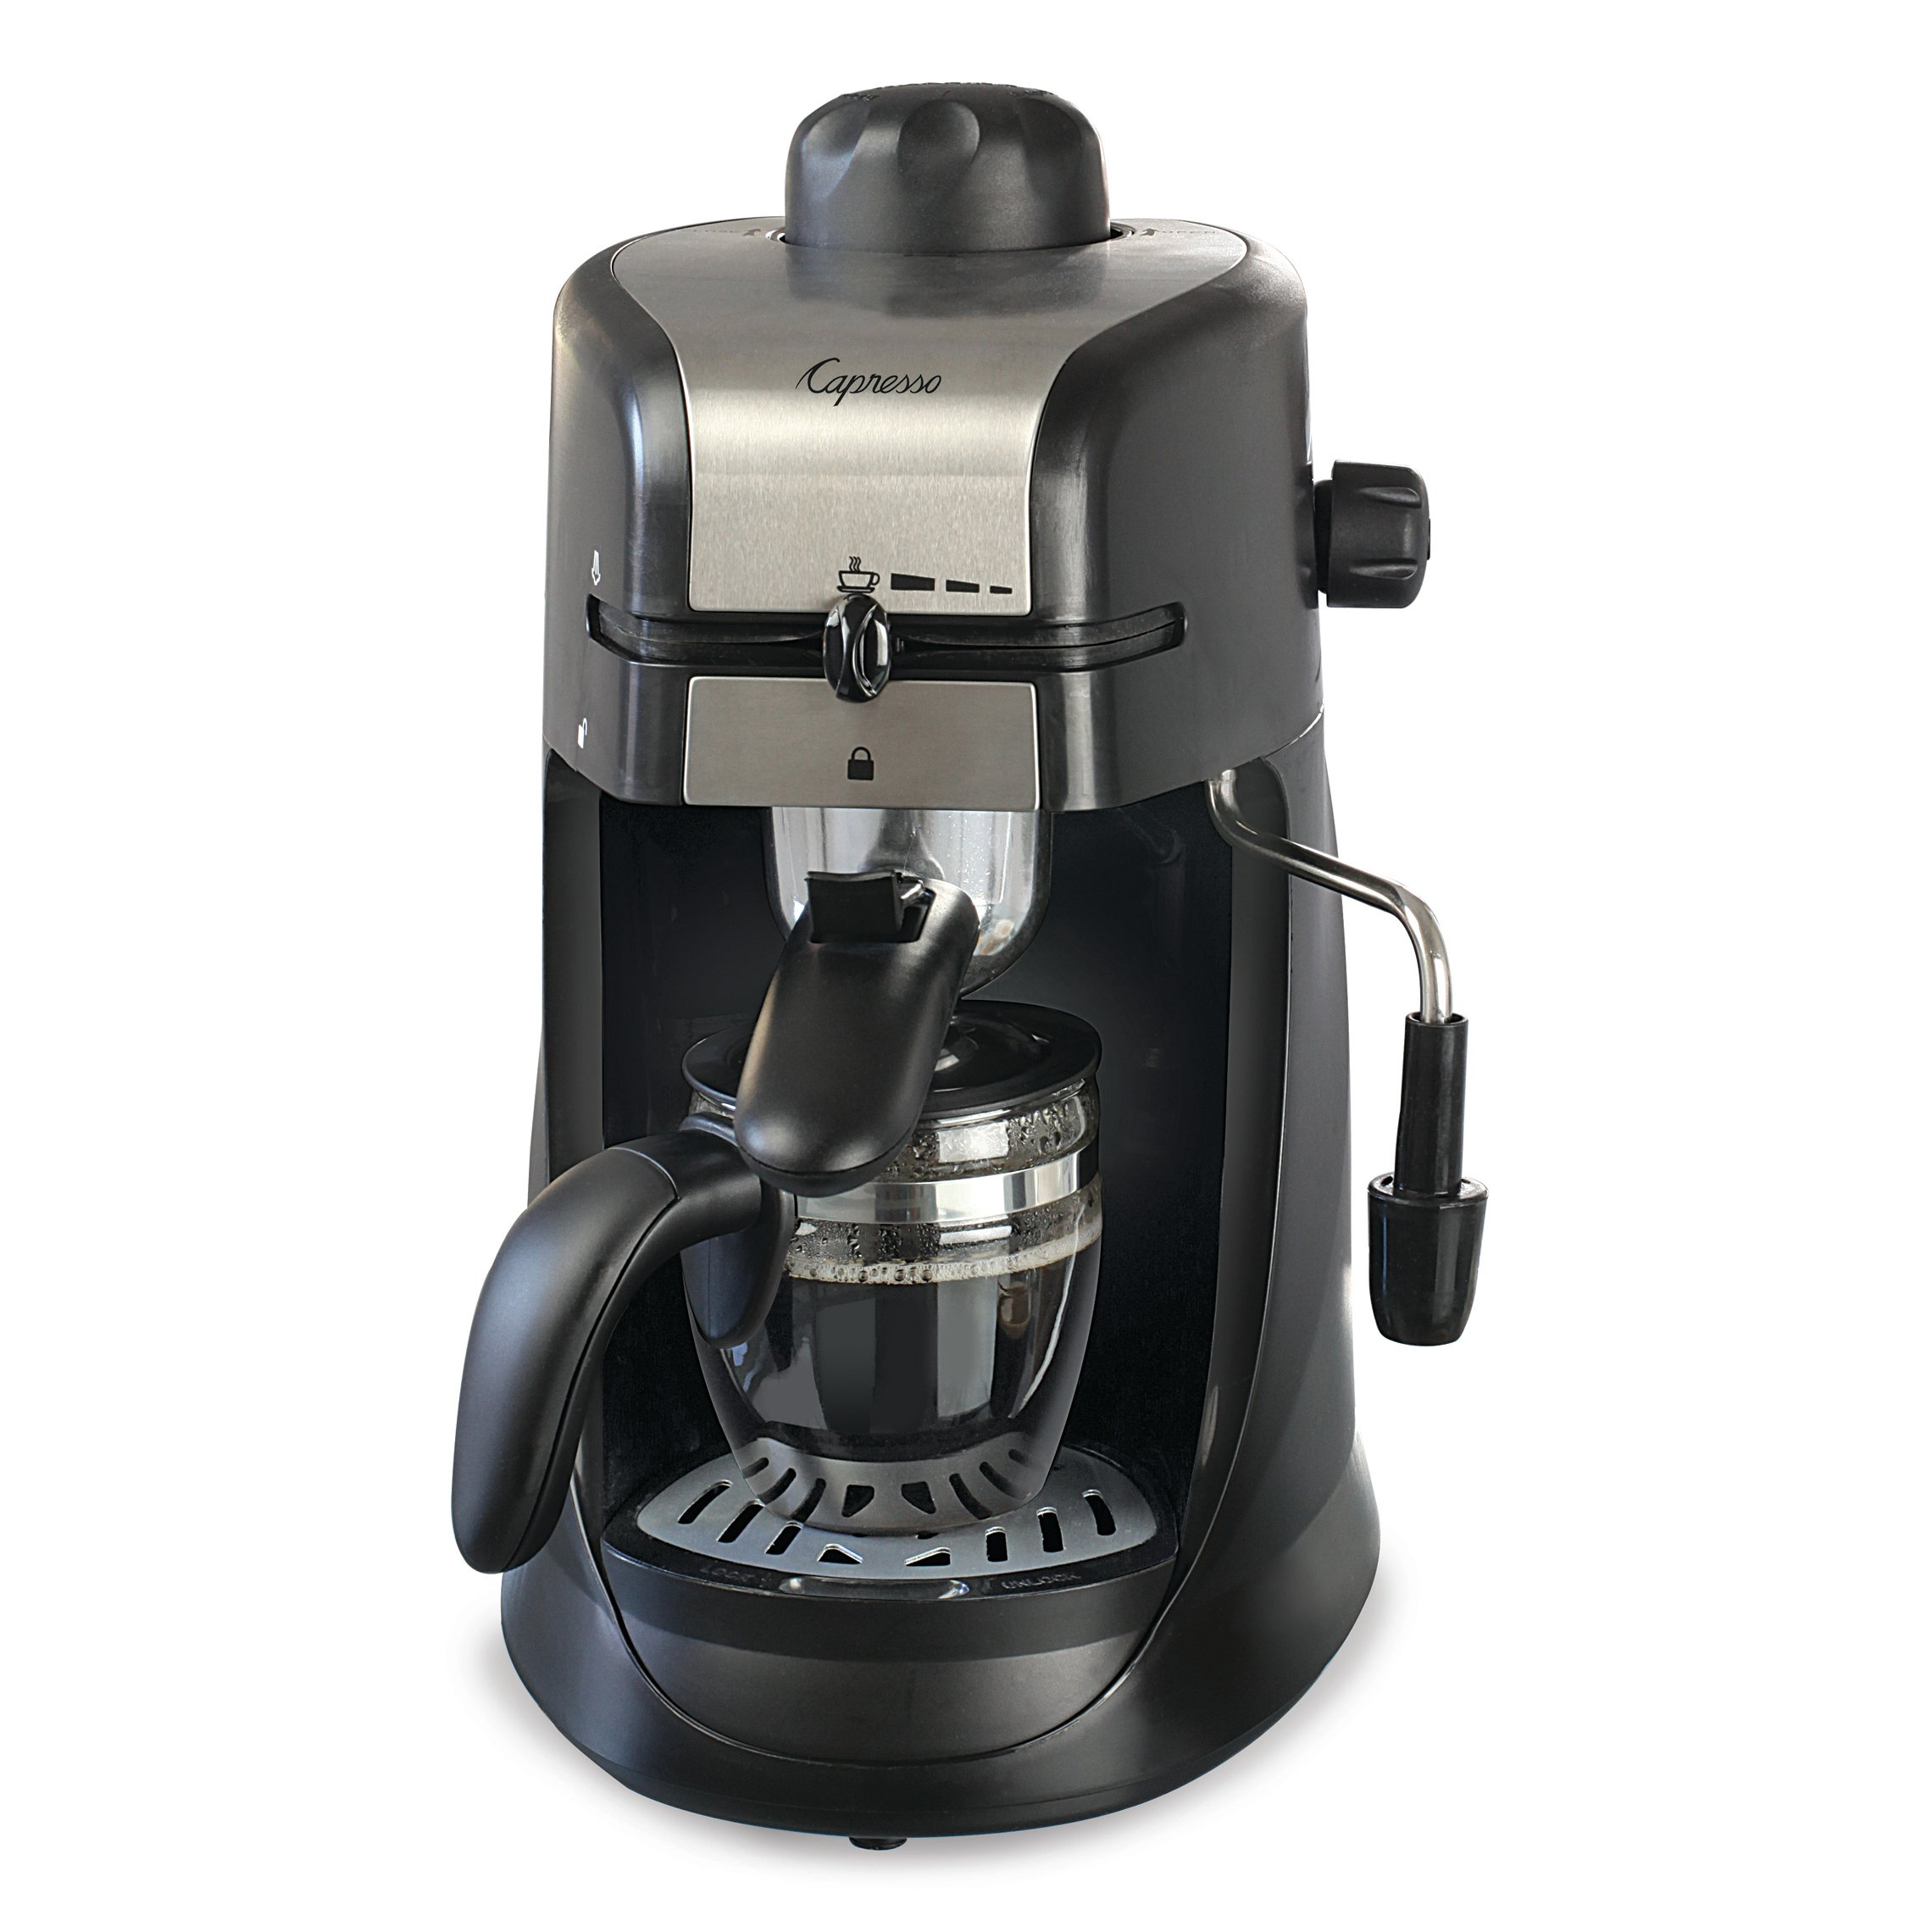 Capresso Steam Pro Espresso and Cappuccino Machine by Capresso (Image #1)